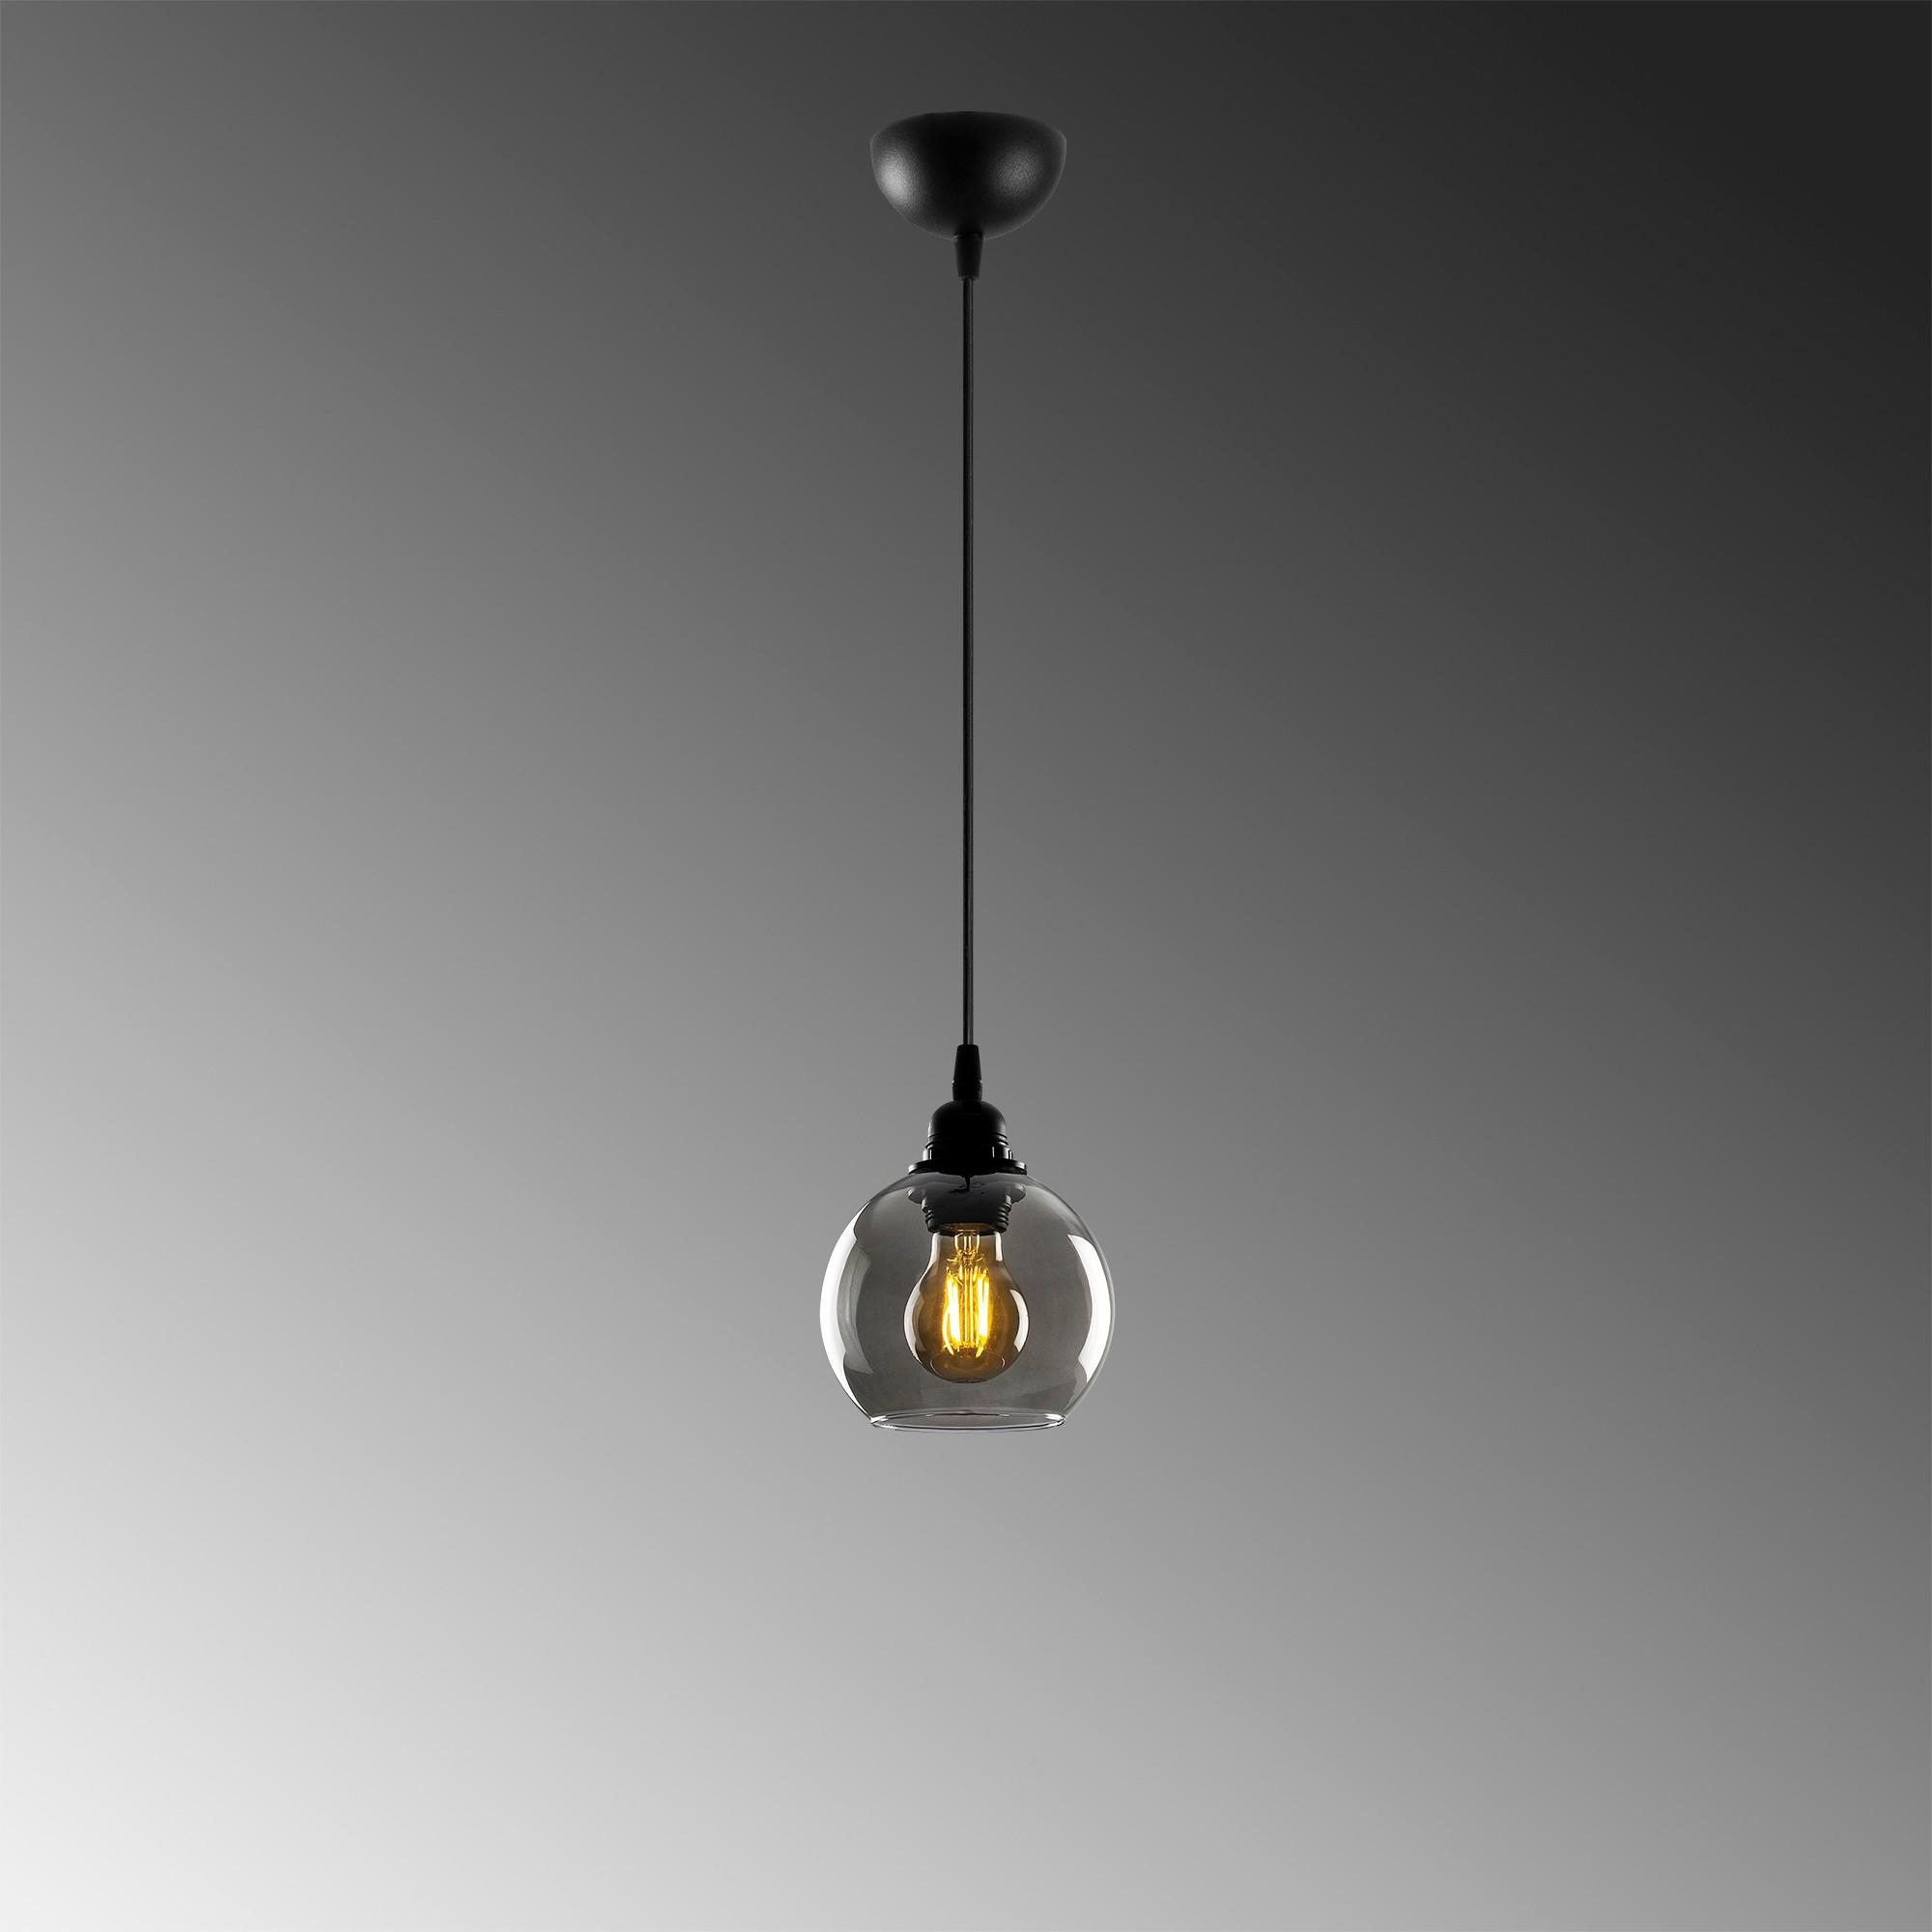 Hanglamp gerookt glas zwart 1 x E27 fitting - grijze achtergrond